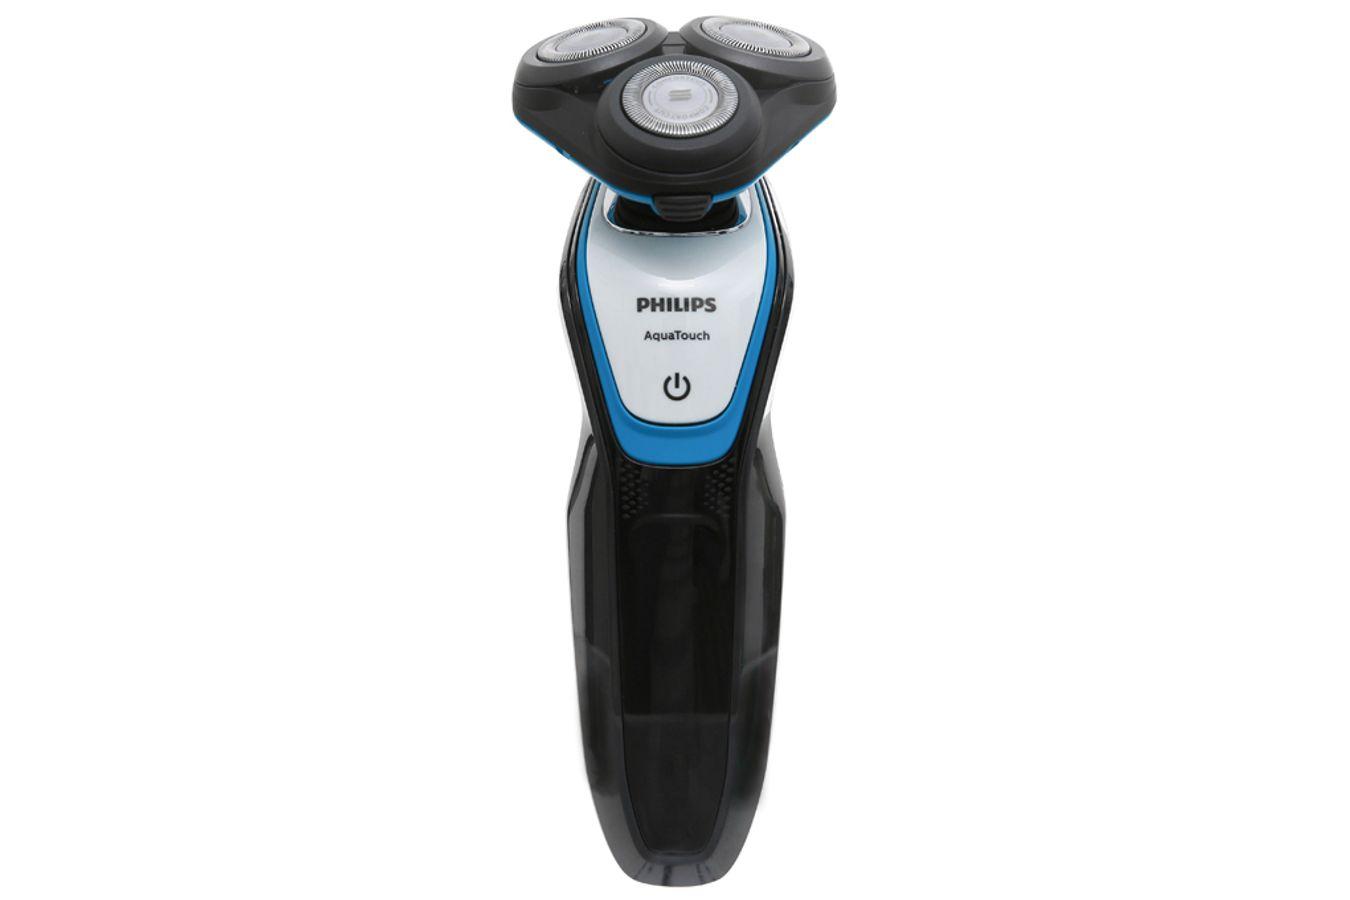 Máy Cạo Râu Philips S5070 Kèm Tông Đơ Tỉa Tháo Rời